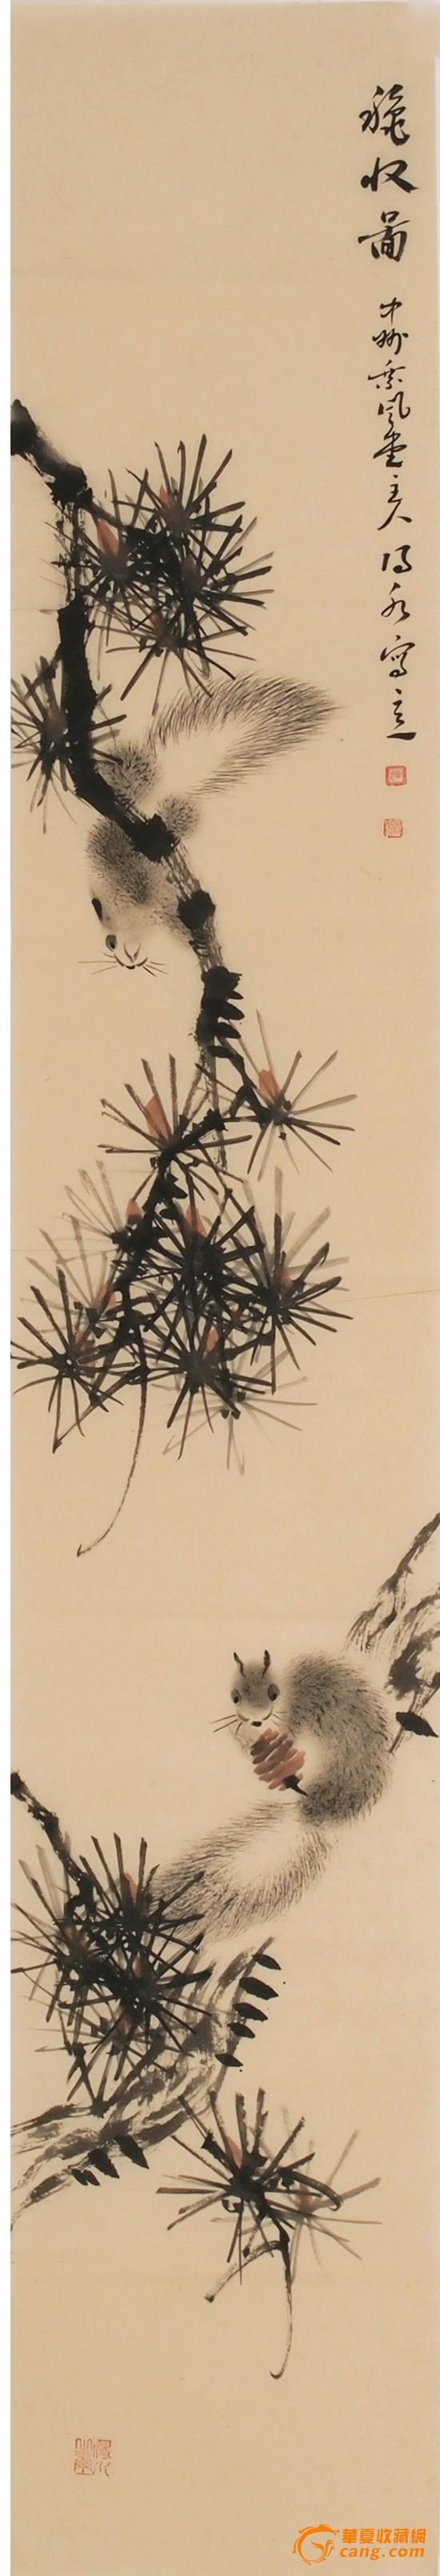 名家国画松鼠松树手绘窄尺寸四条屏